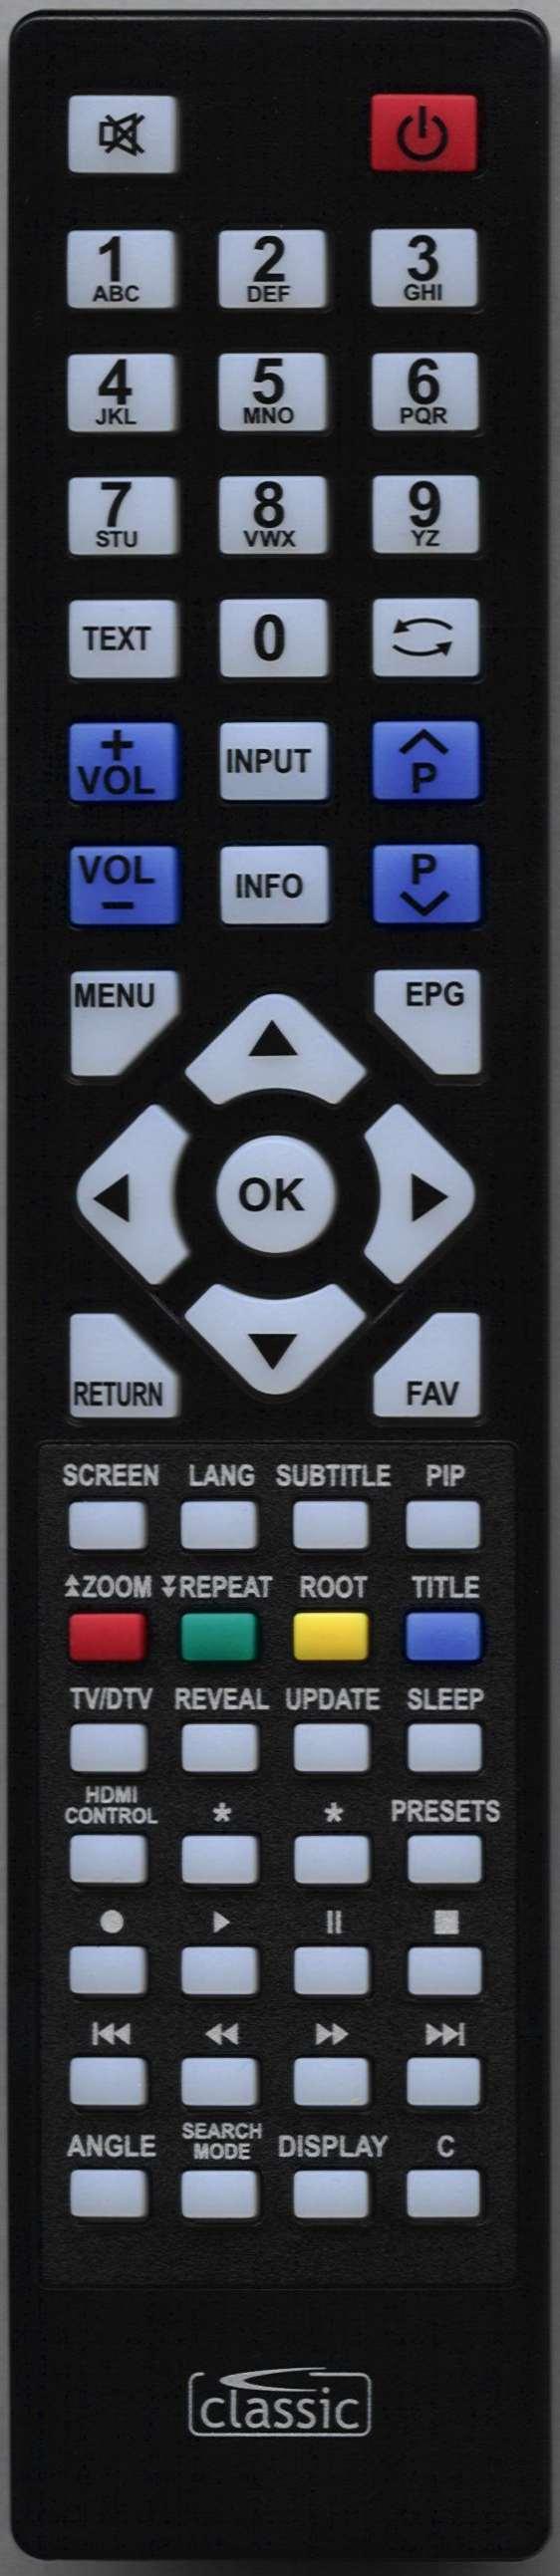 MATSUI 30063114 Remote Control Alternative